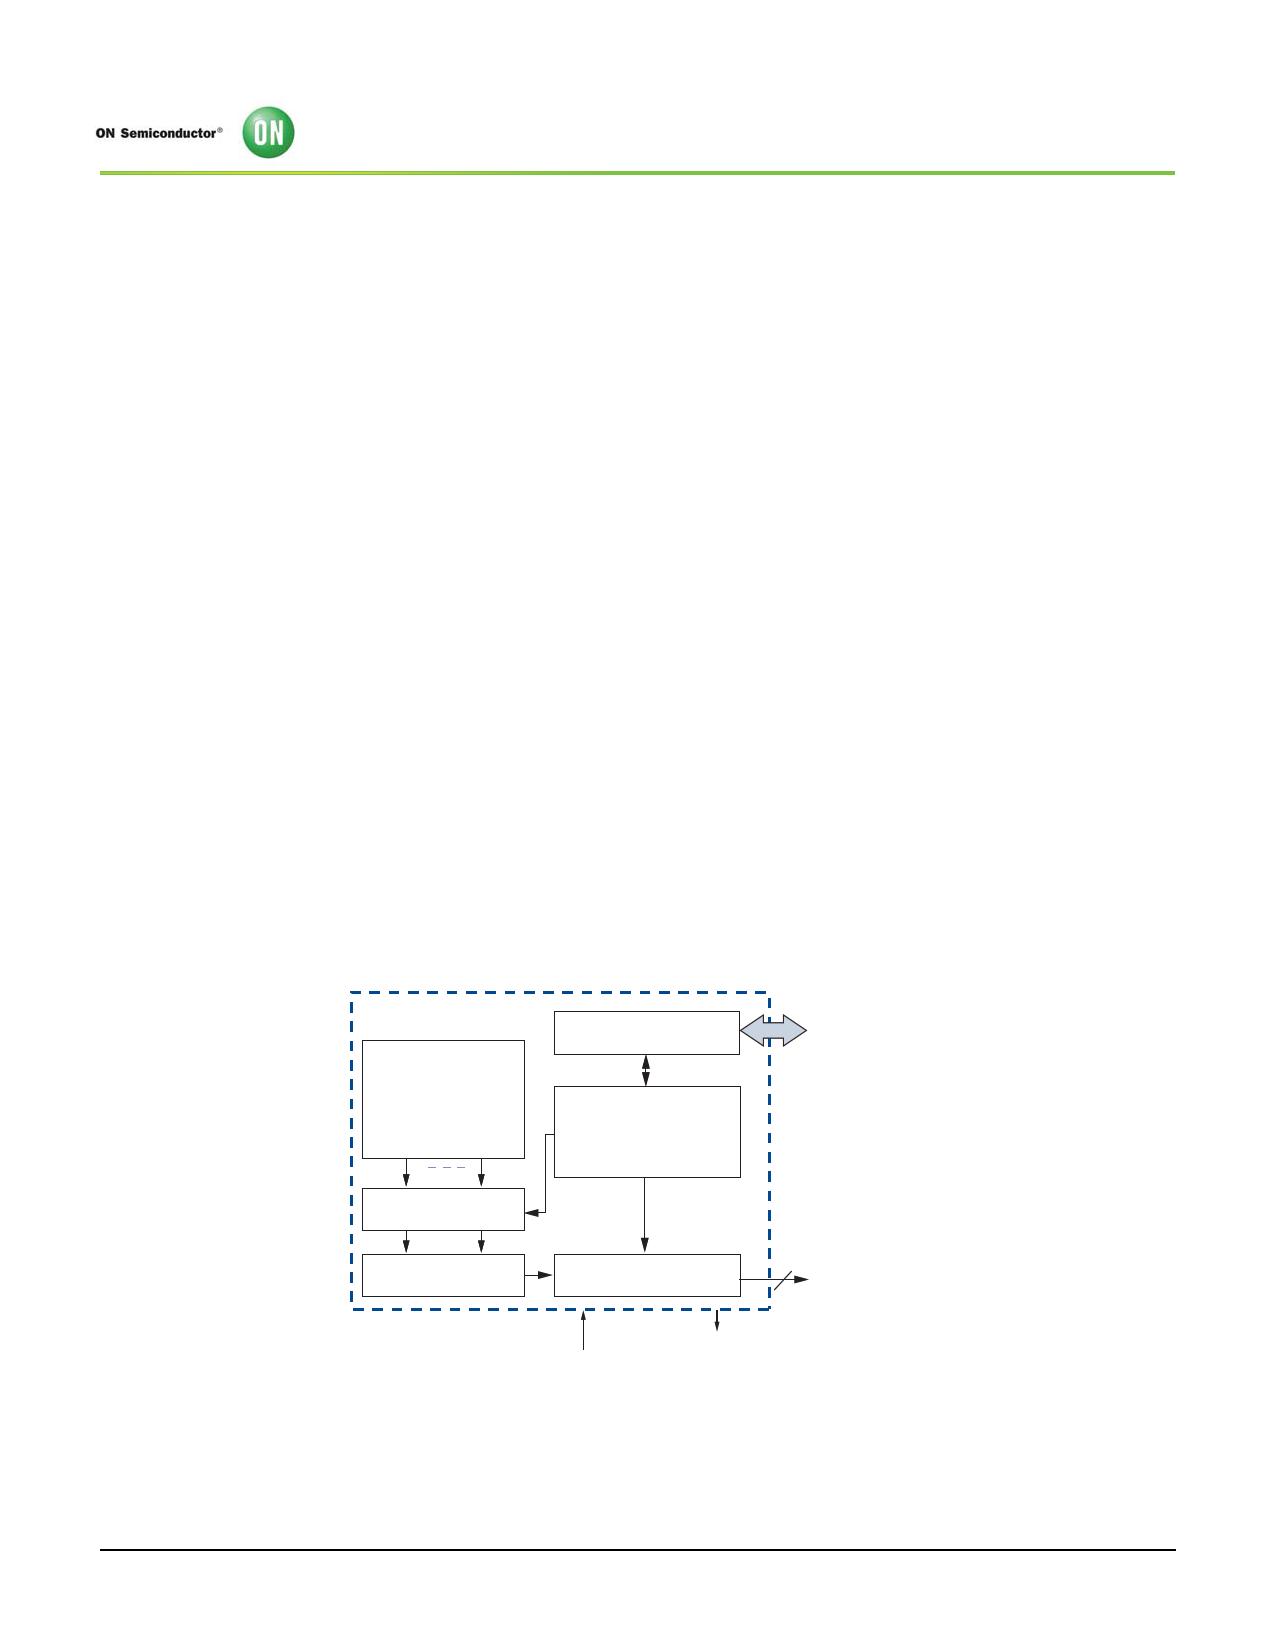 MT9V032 電子部品, 半導体